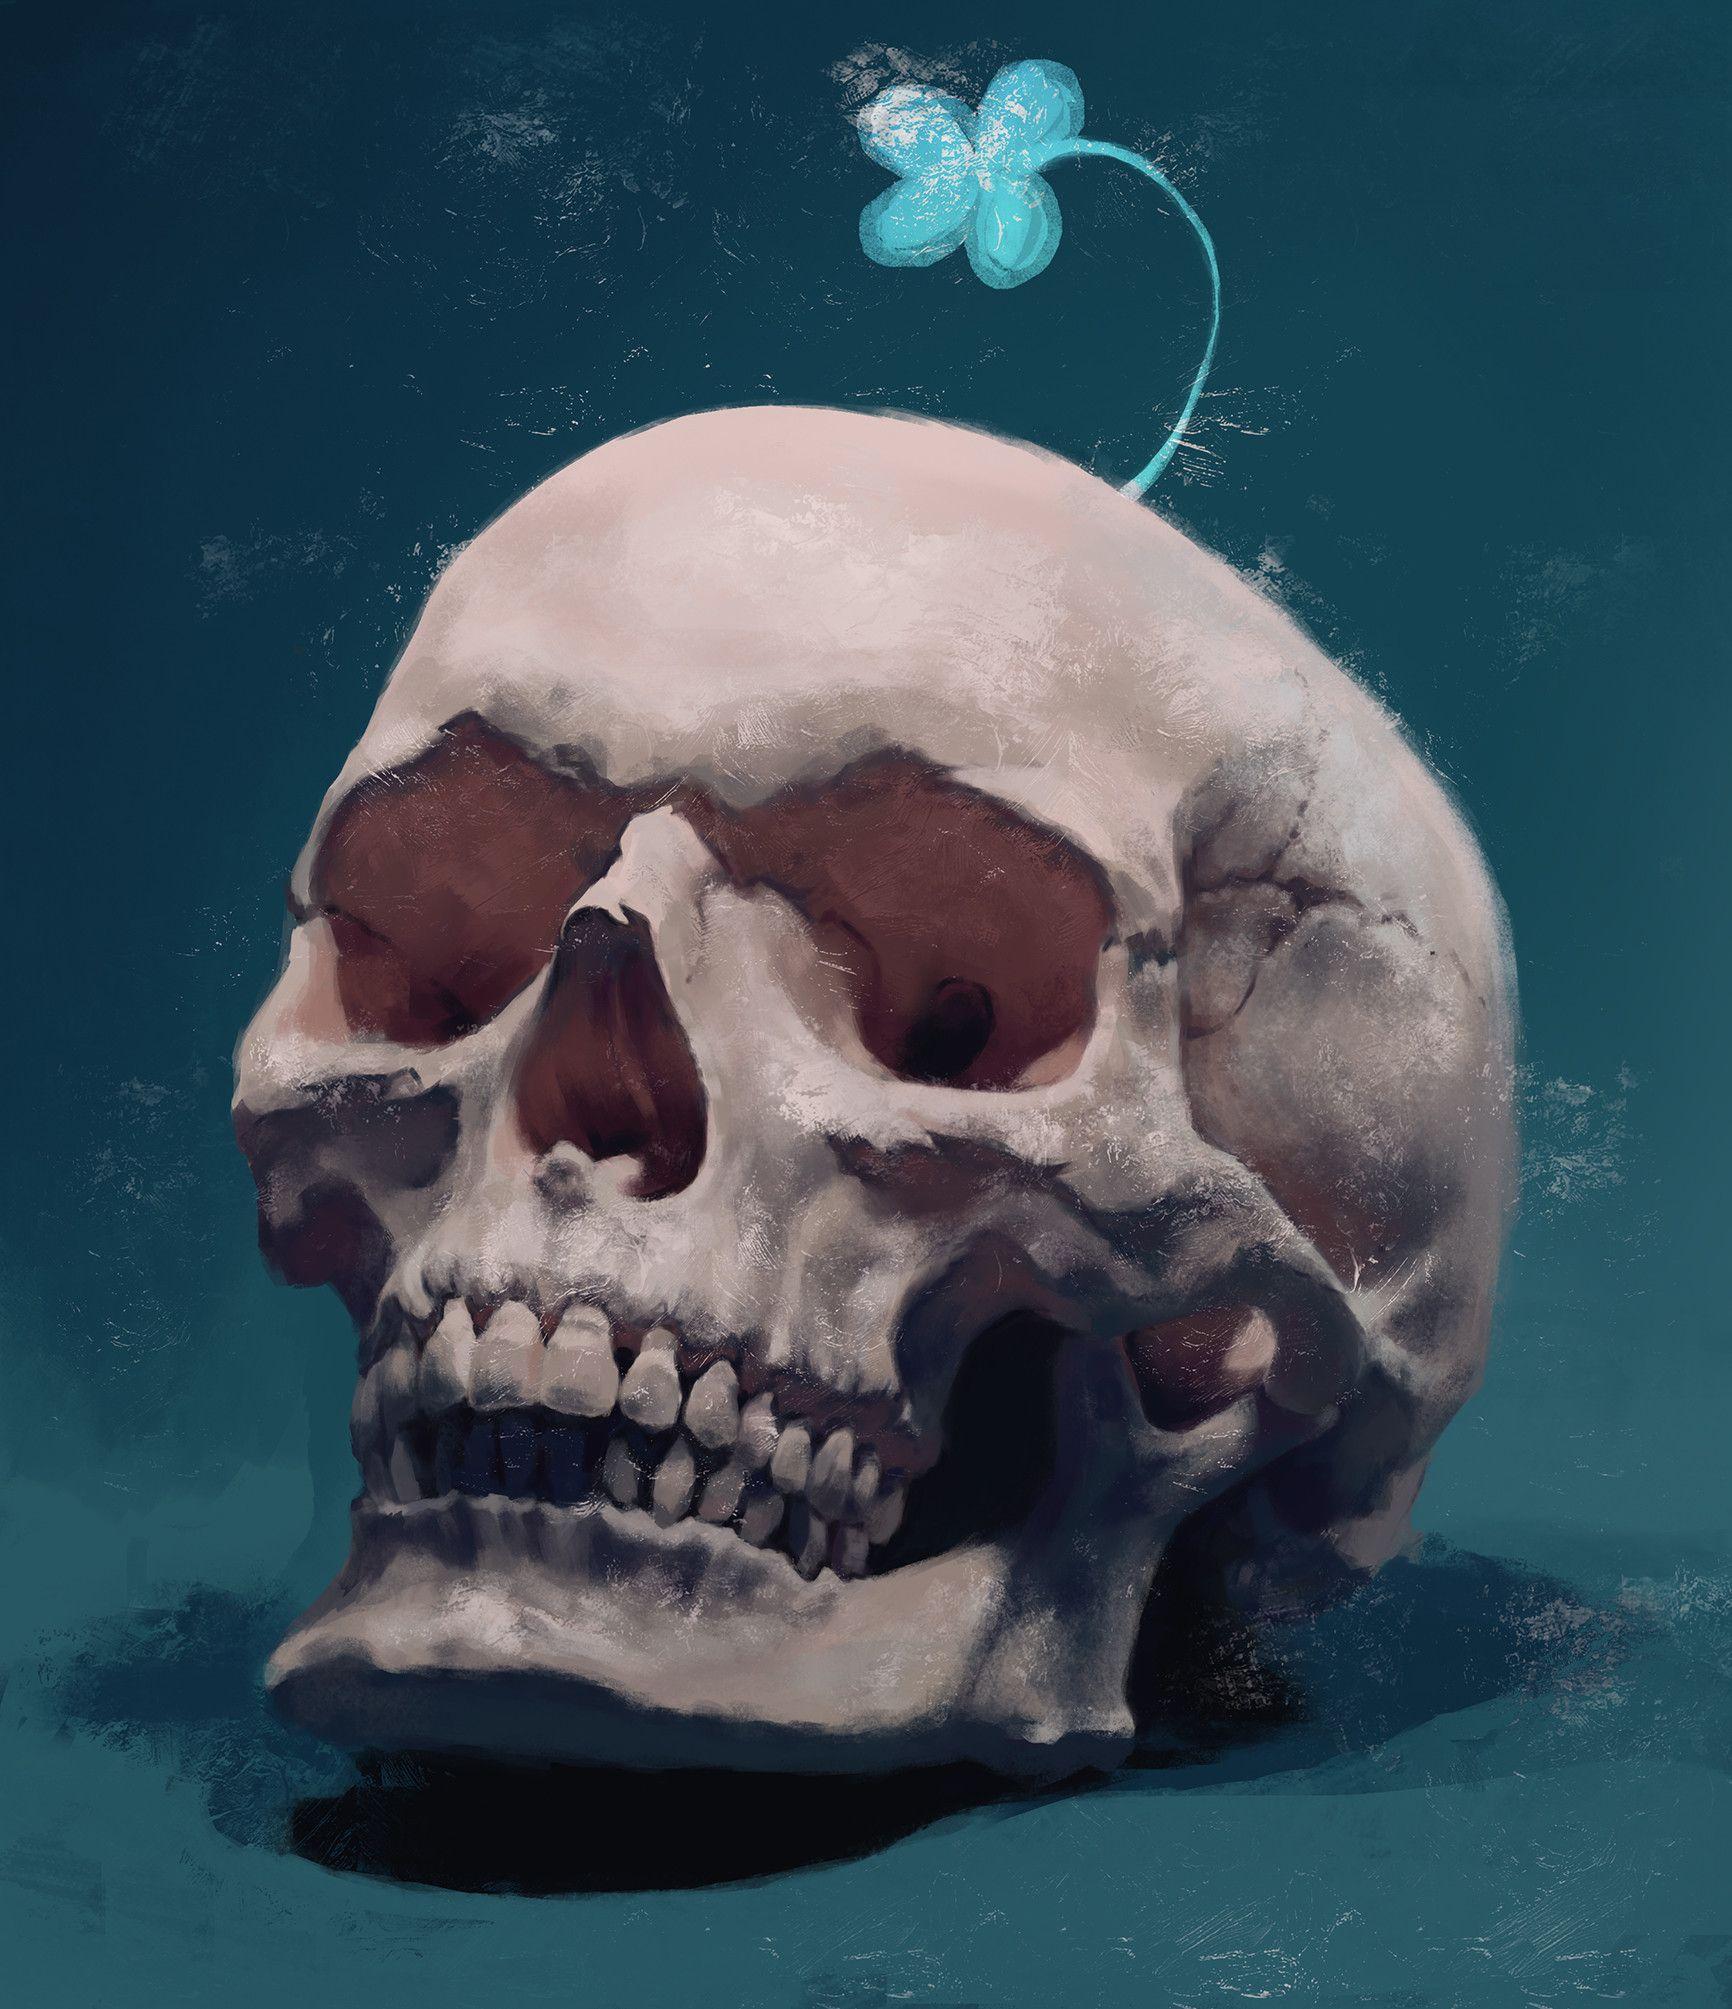 него было картинку череп прикольные черепа сделать